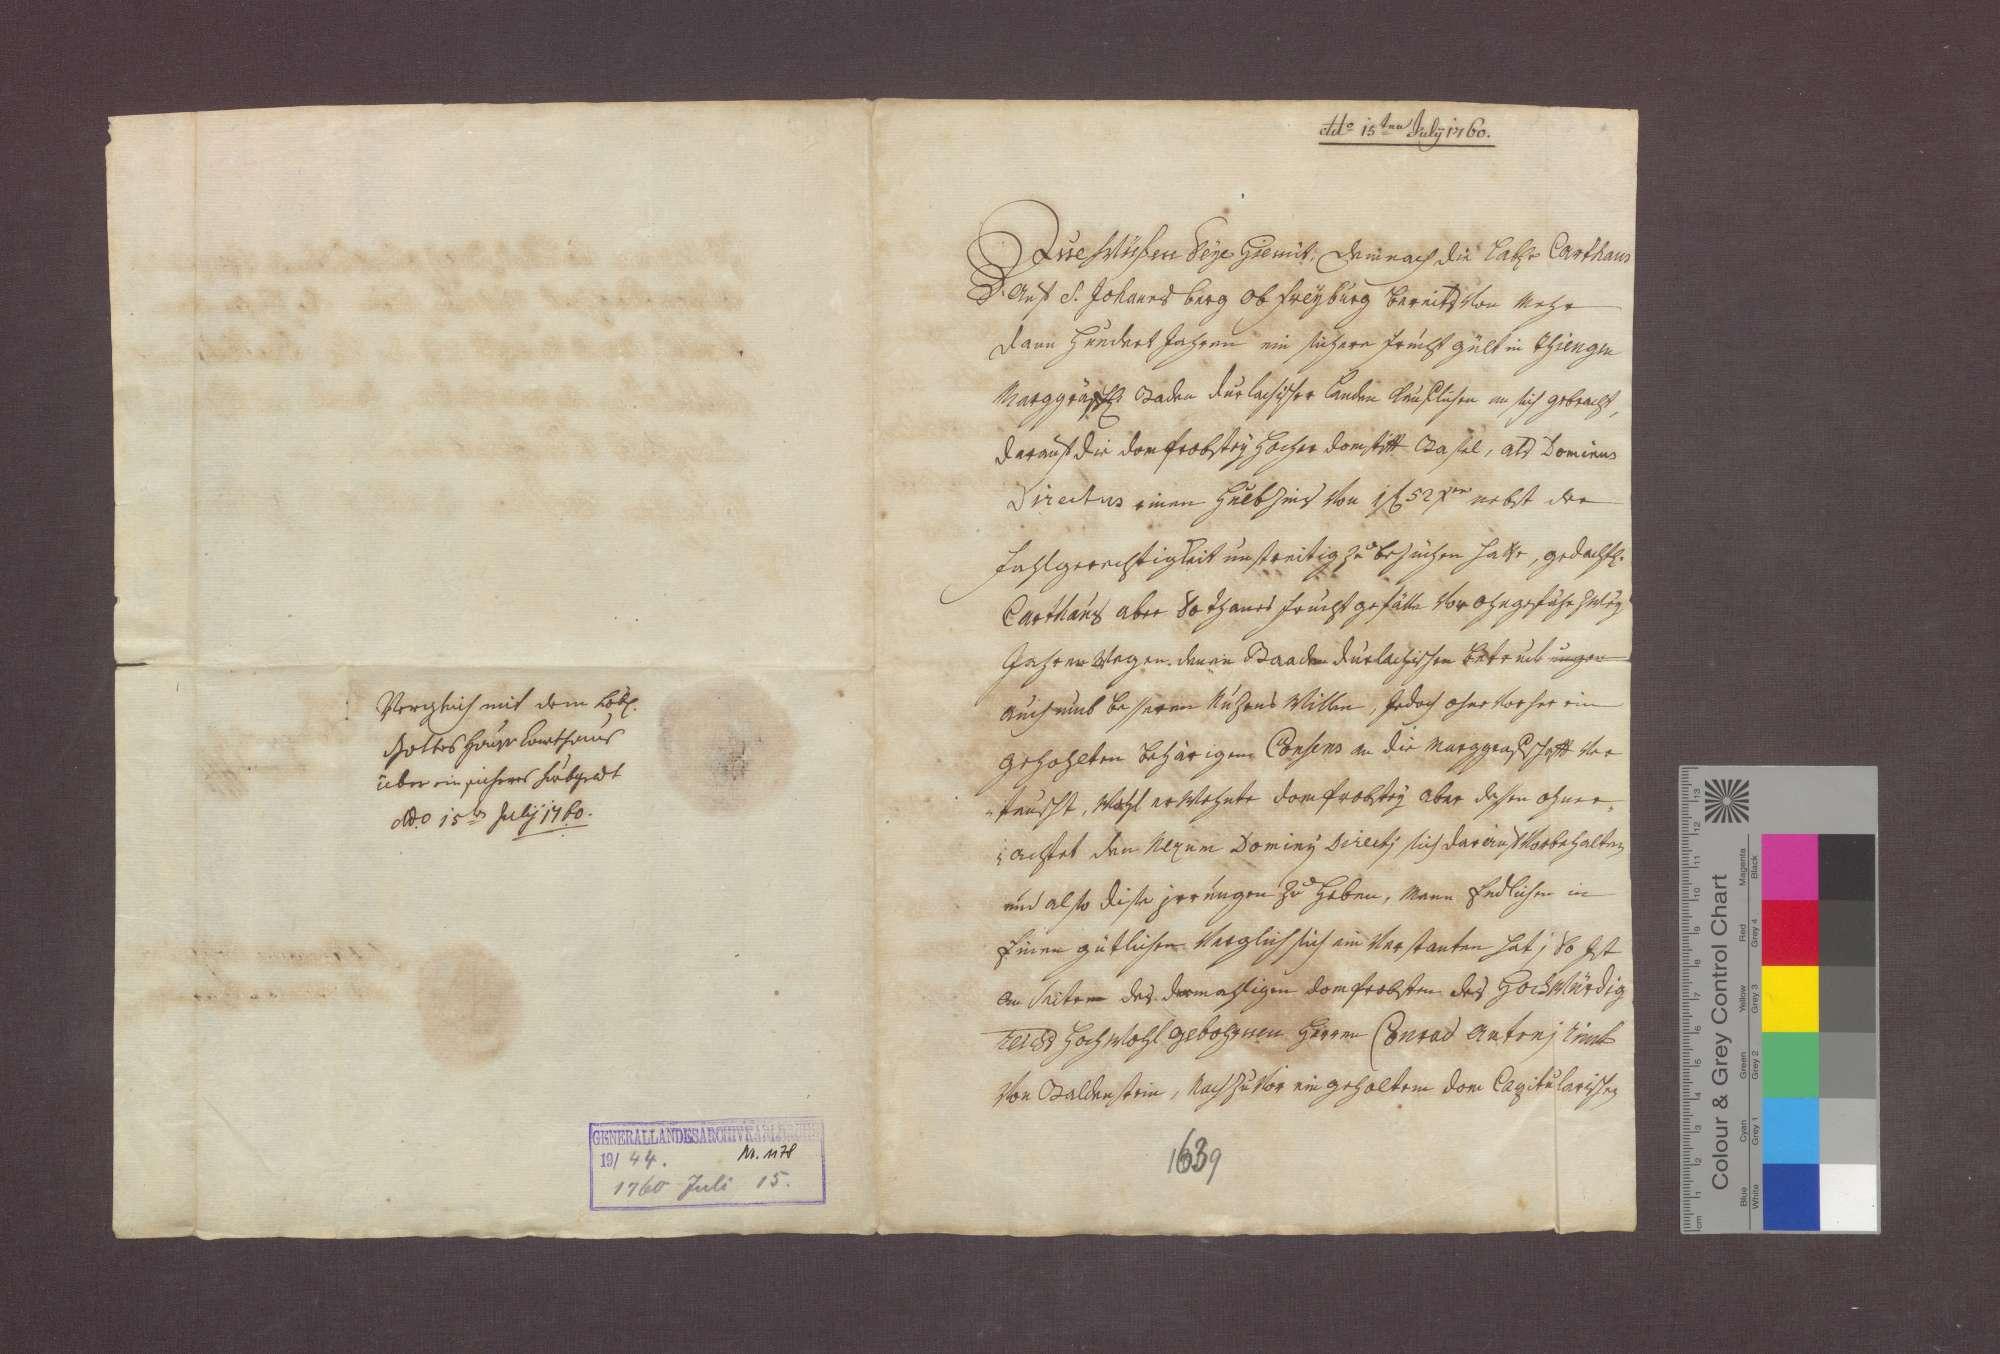 Vergleich zwischen der Basler Dompropstei und der Kartause zu Freiburg über eine Gült zu Tiengen., Bild 1